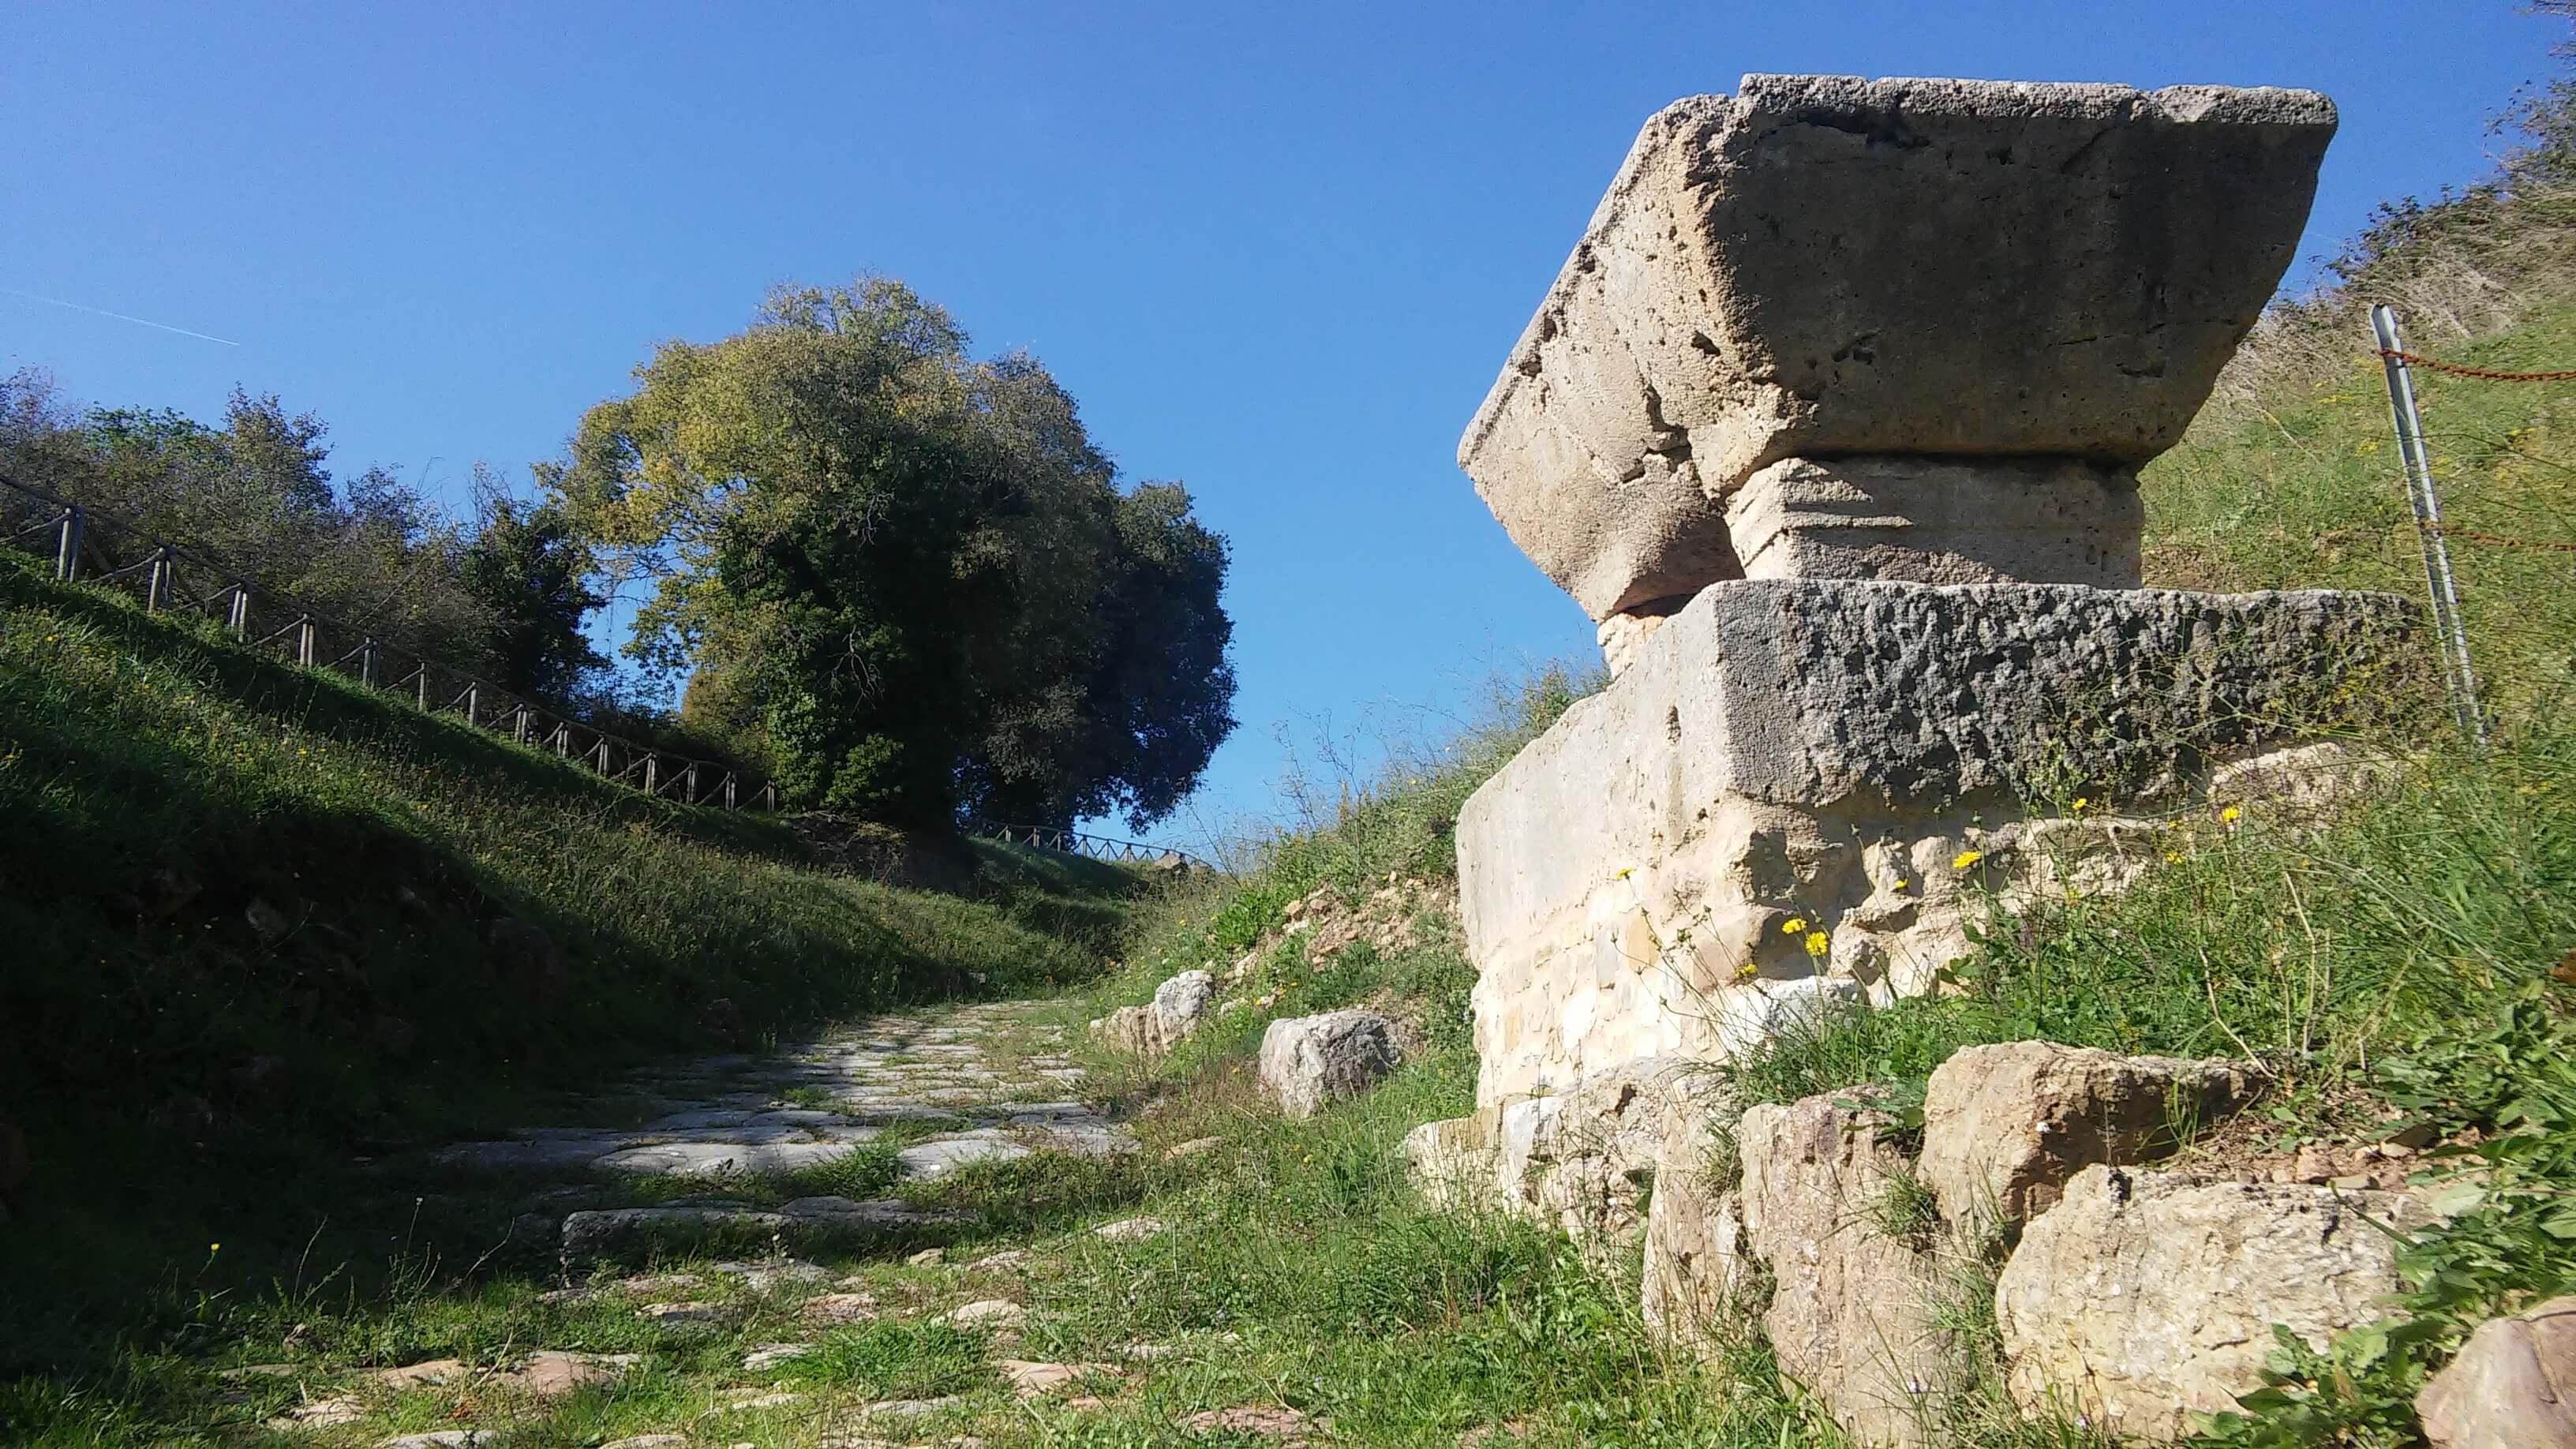 I siti archeologici più belli di Toscana: Roselle